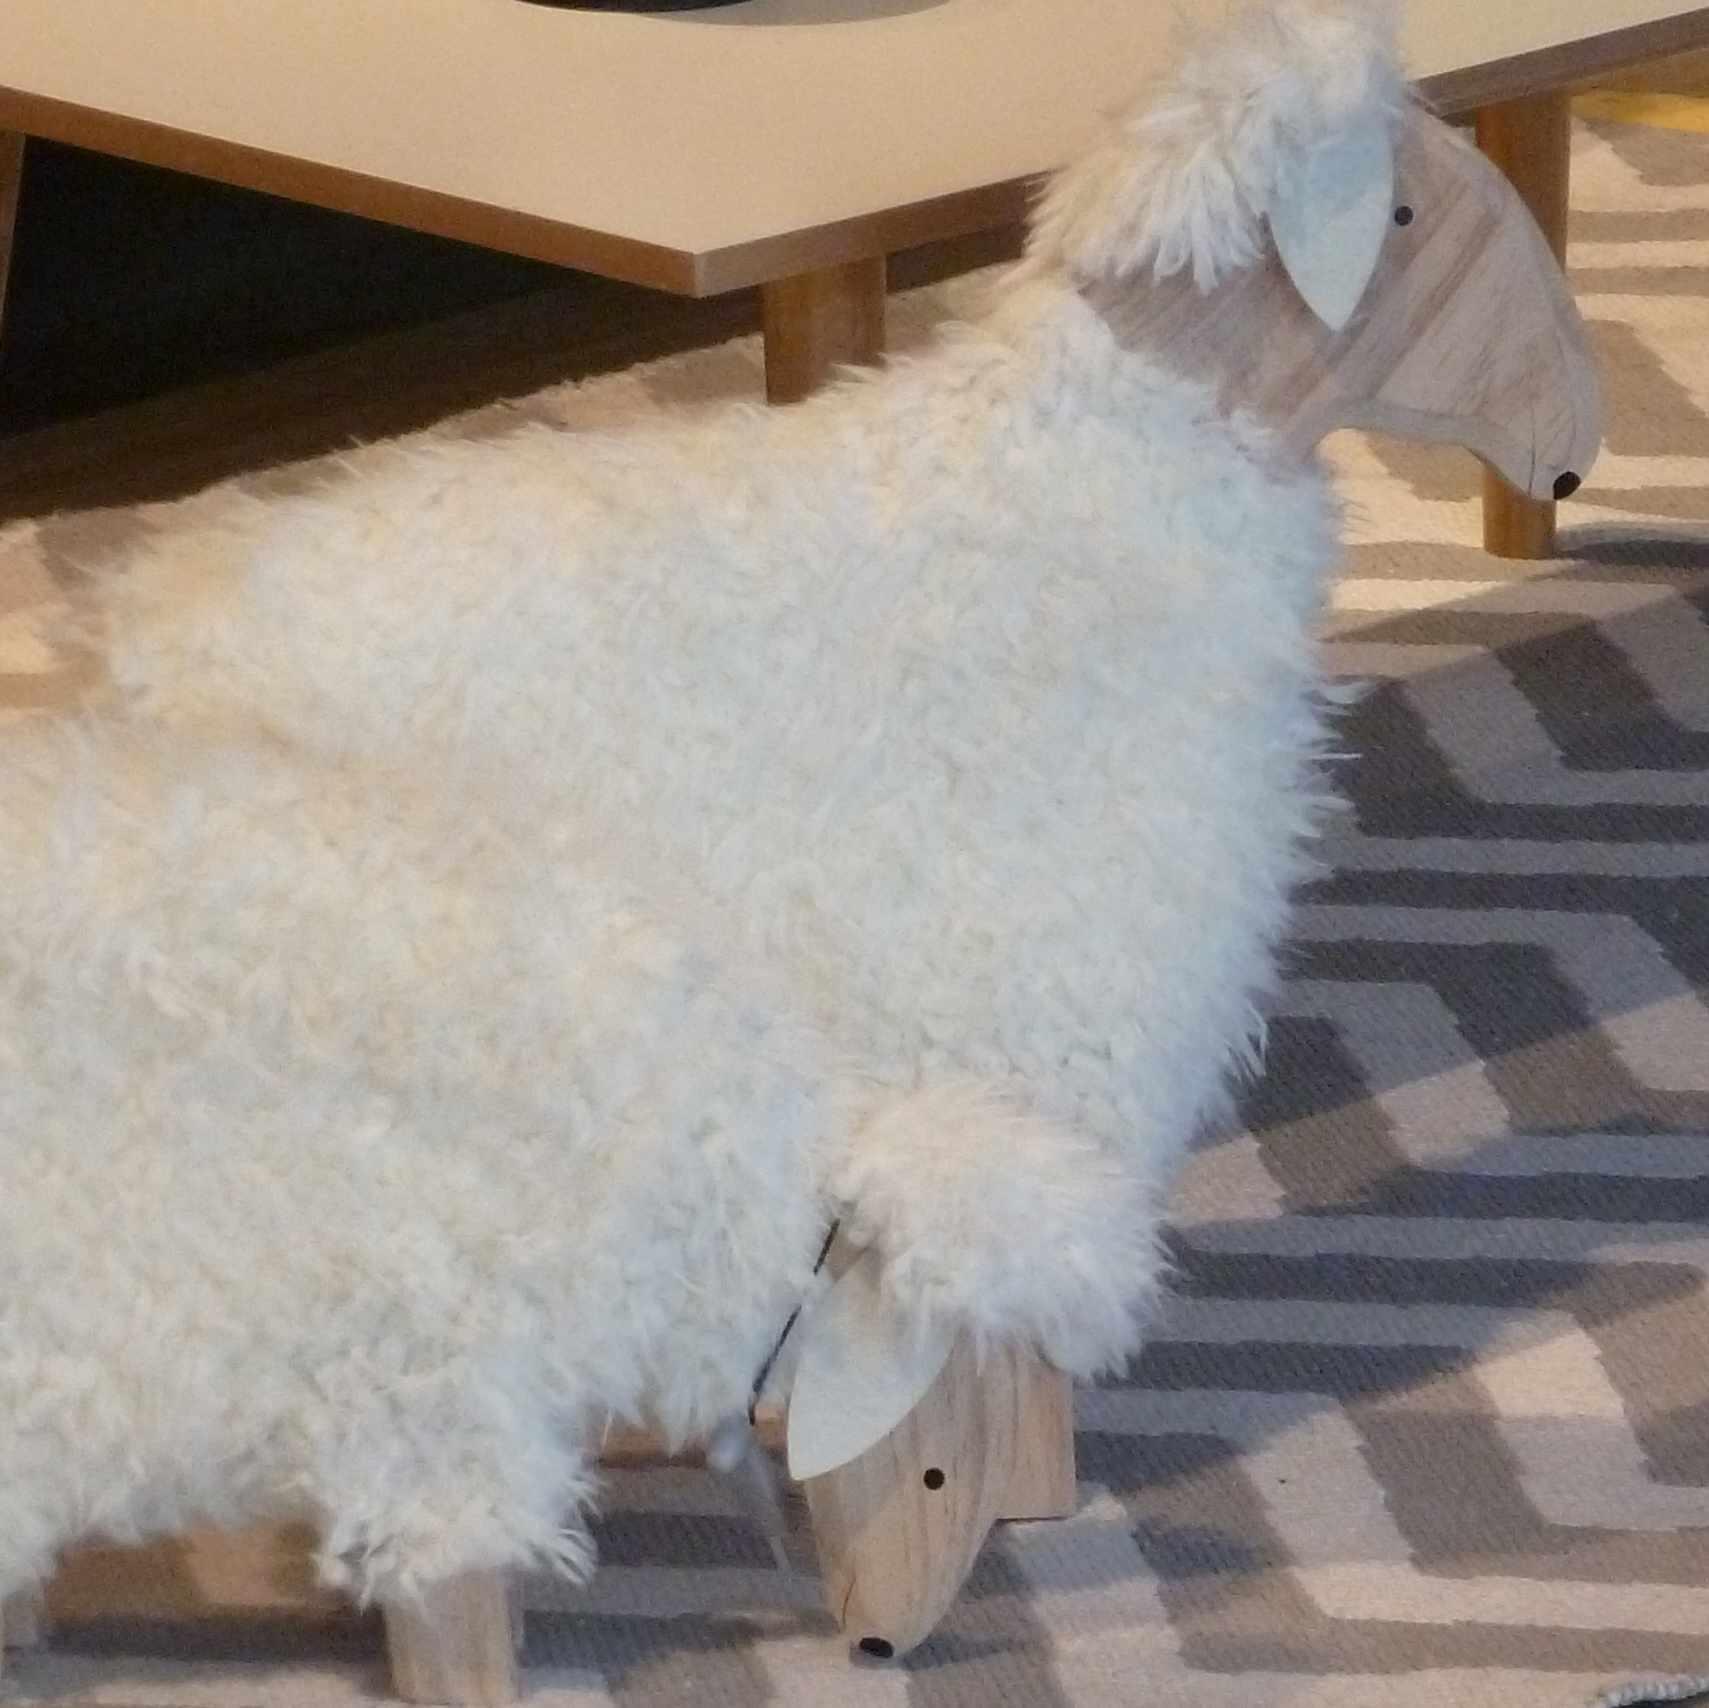 moutons bois-fourrure Maisons-du-monde